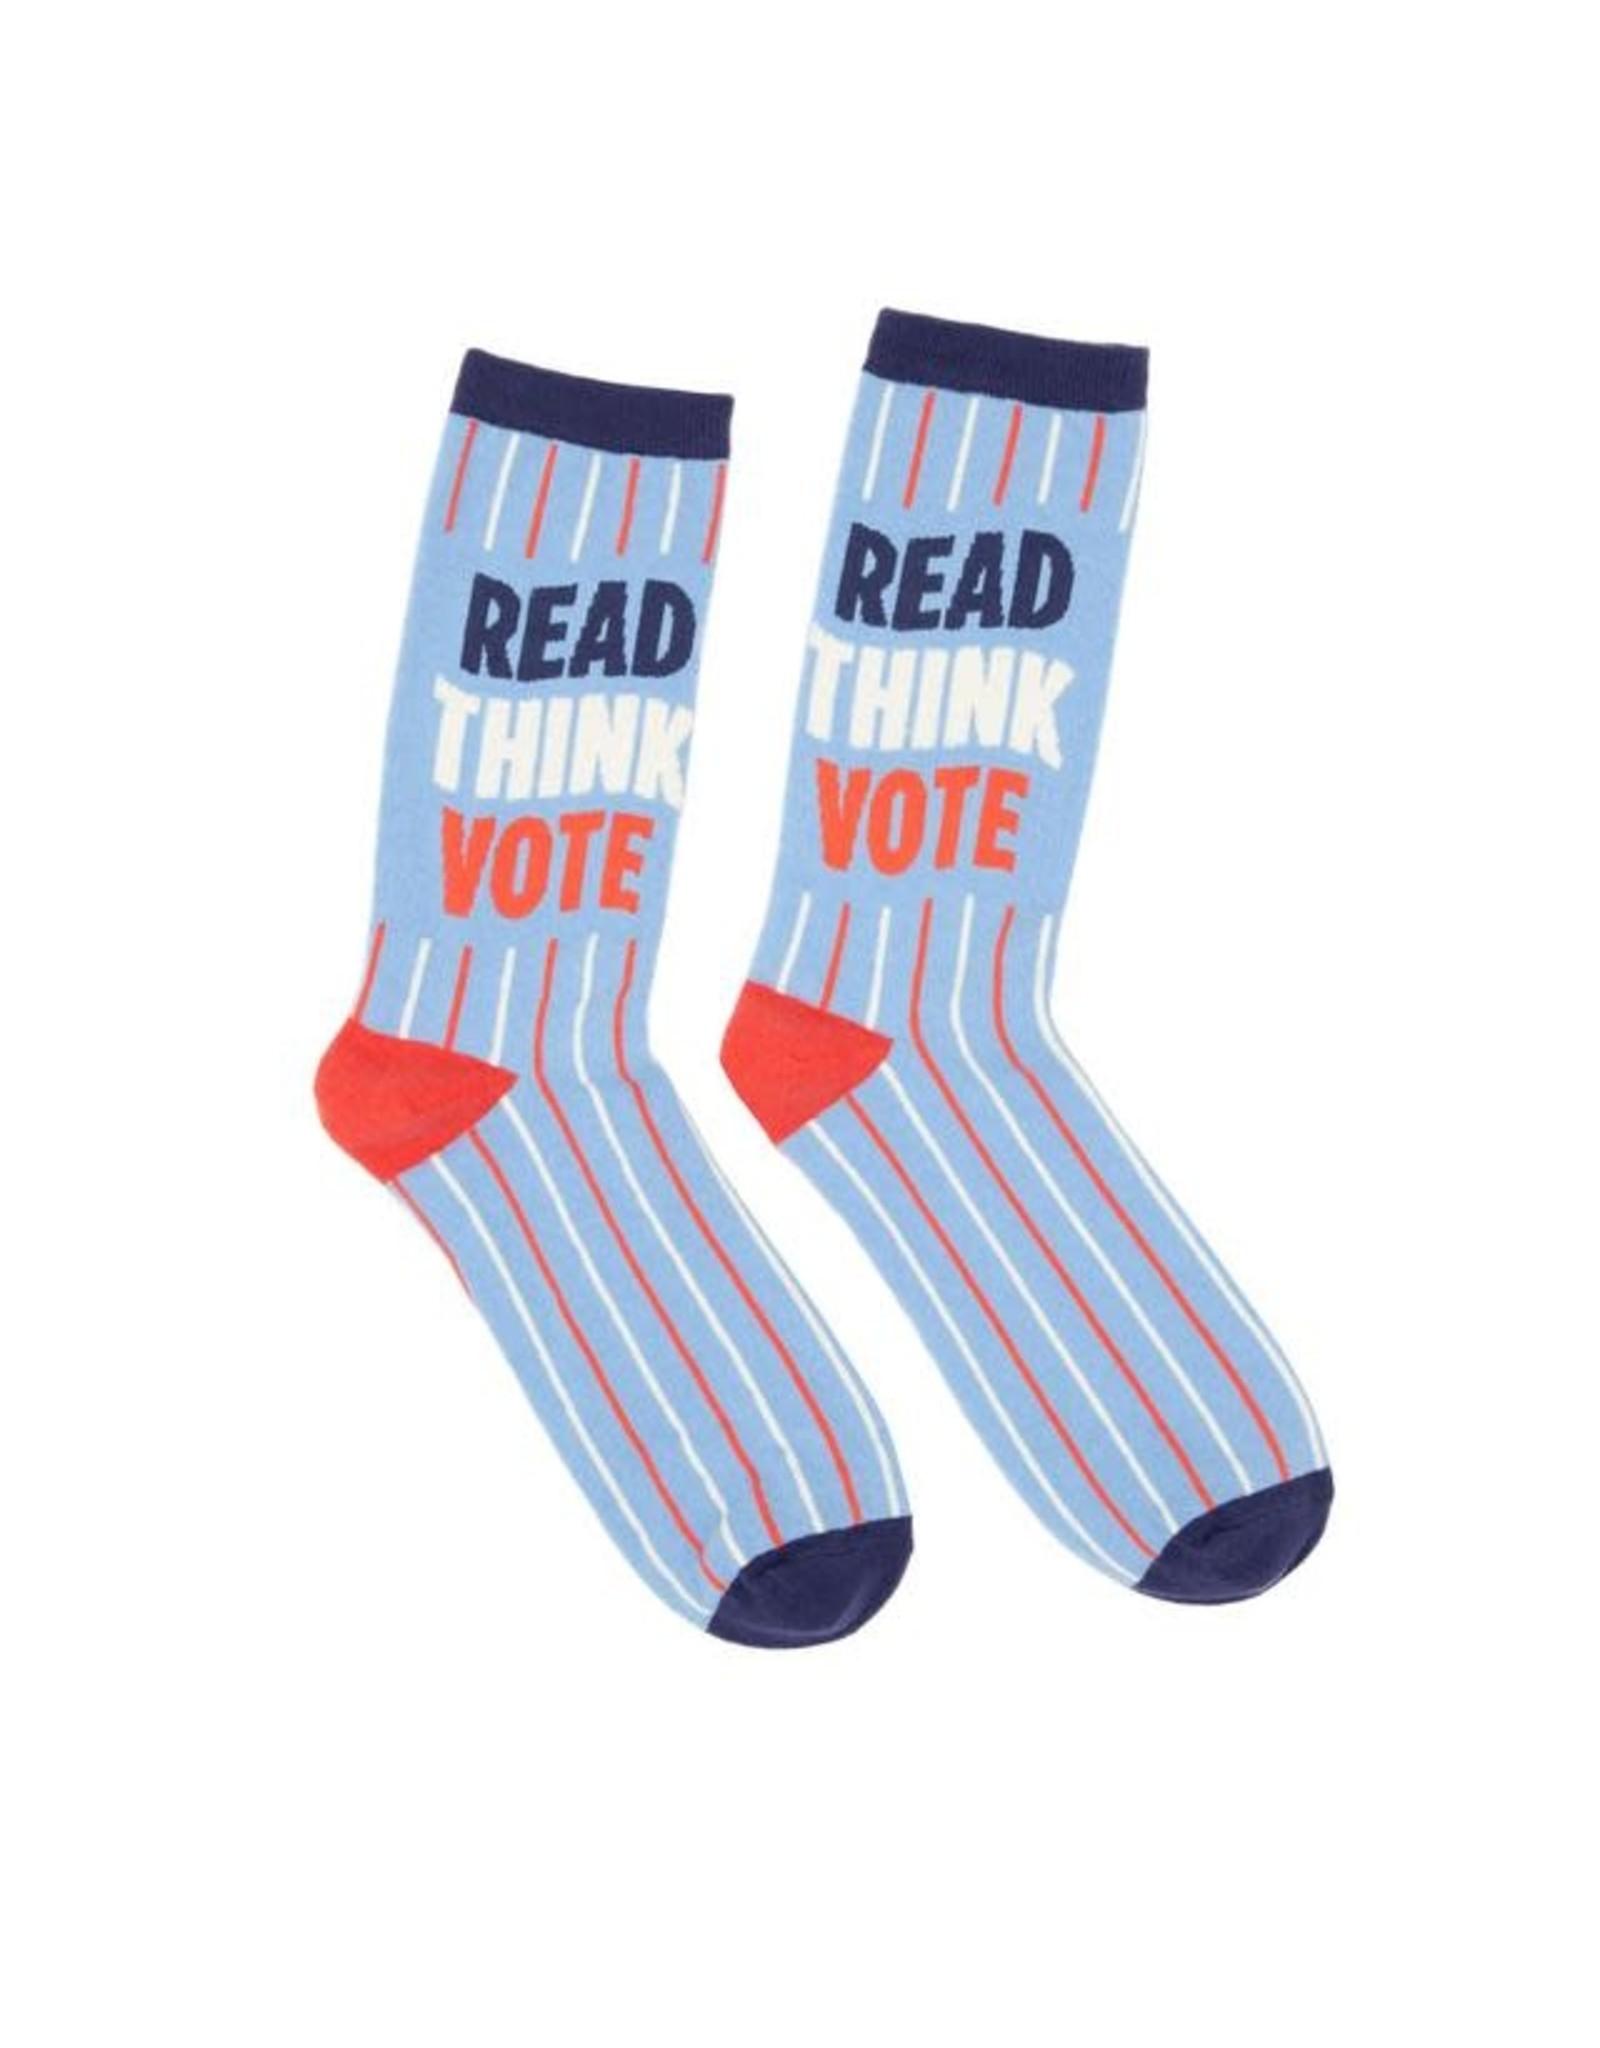 Socks (Unisex) - Read, Think, Vote (Large)